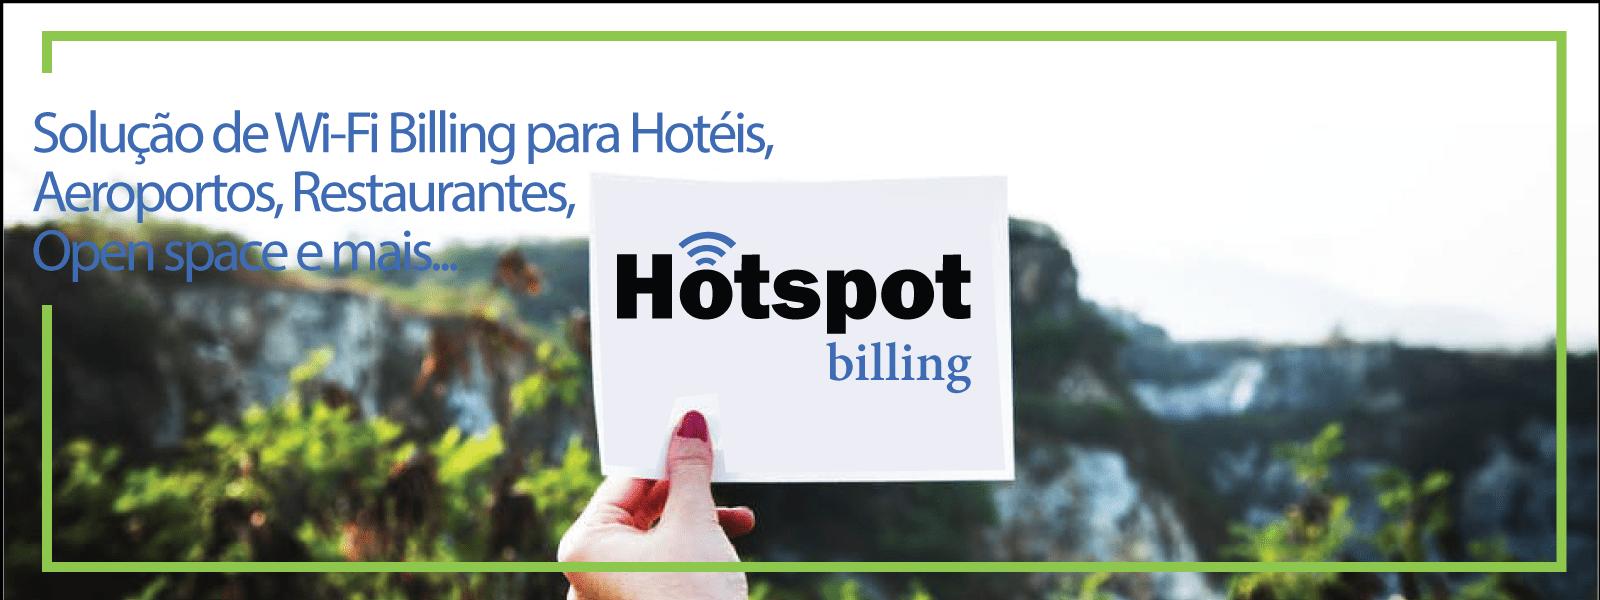 Solução de Wi-Fi Billing